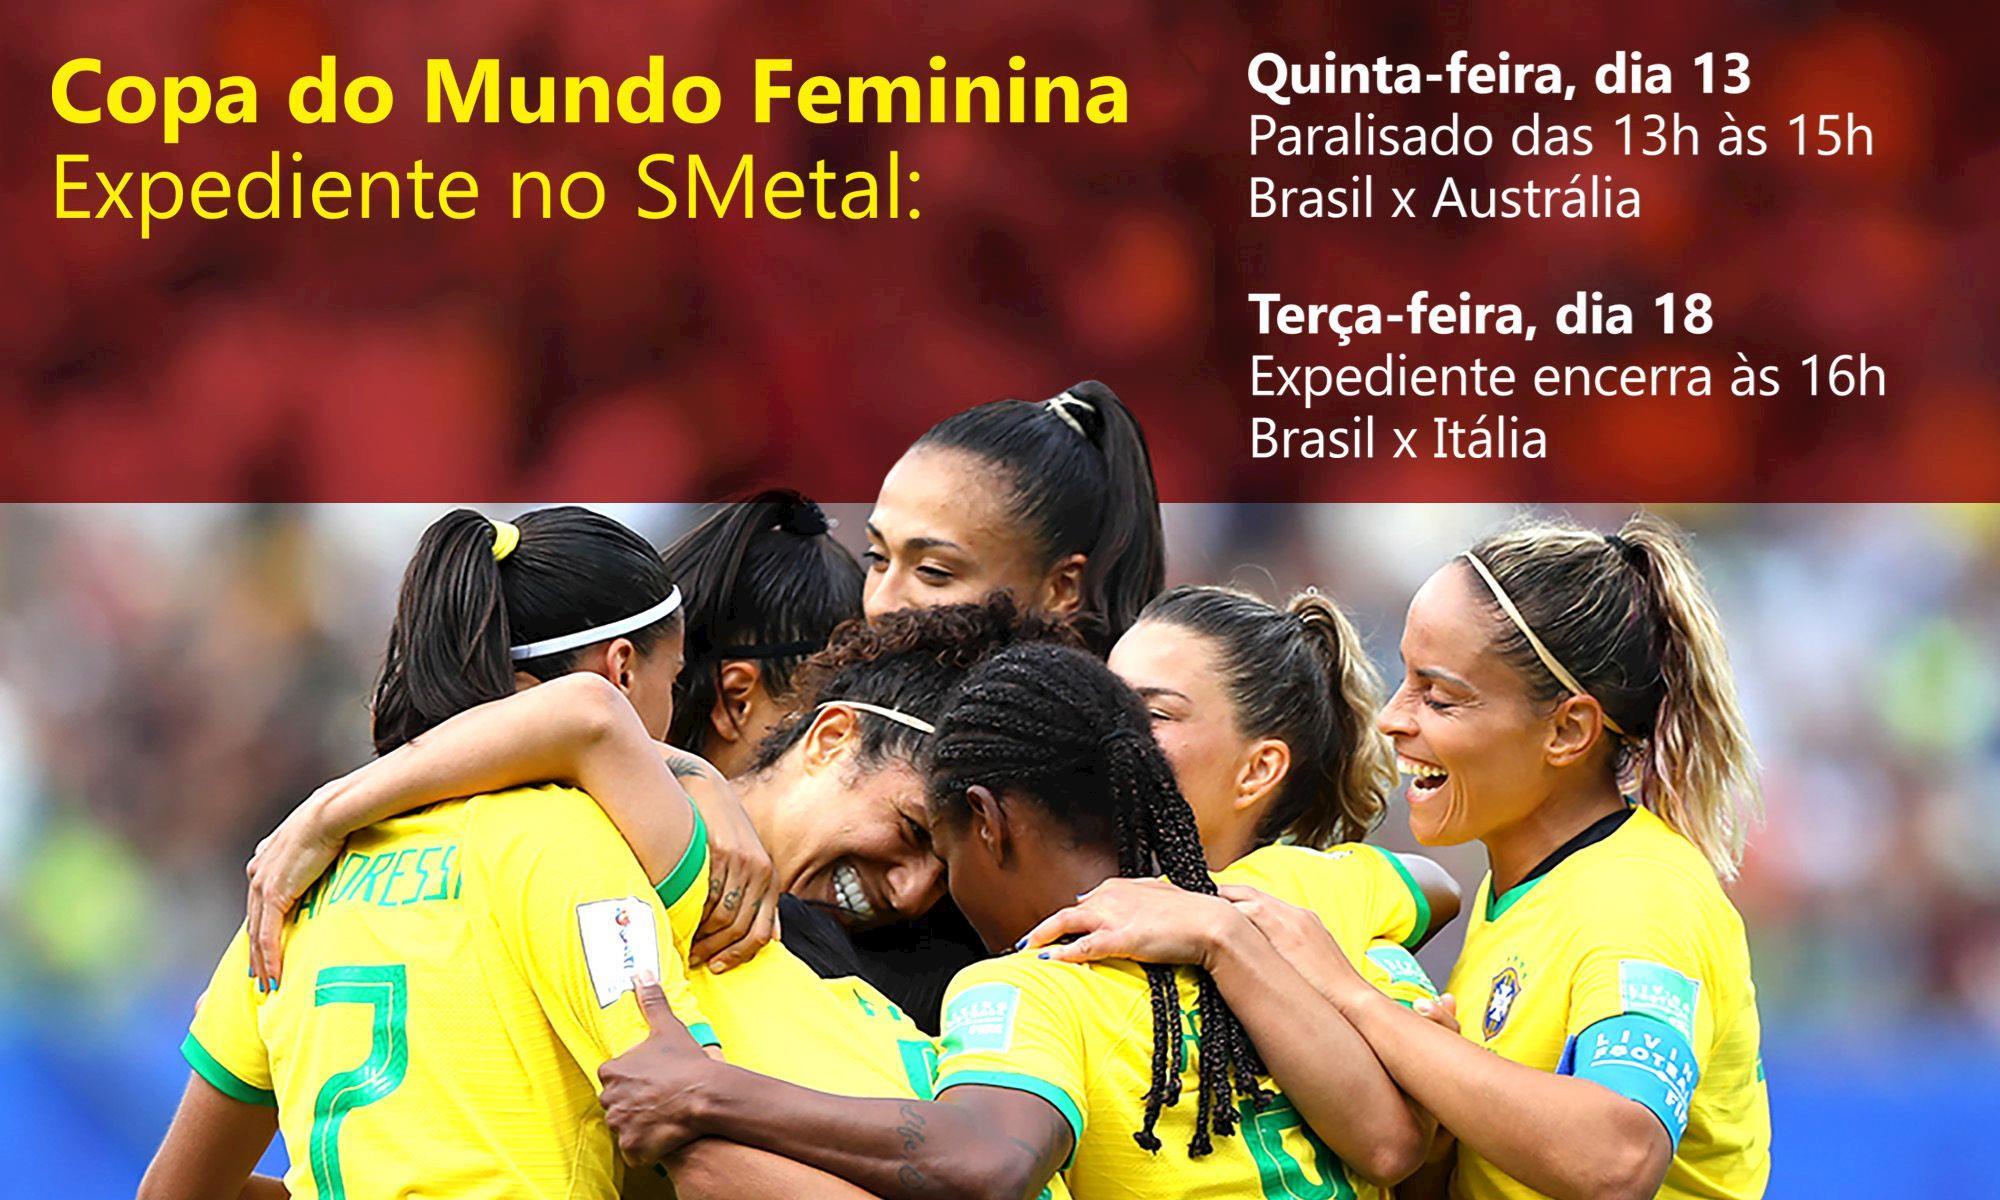 copa, mundo, futebol, feminino, brasil, expediente, Divulgação